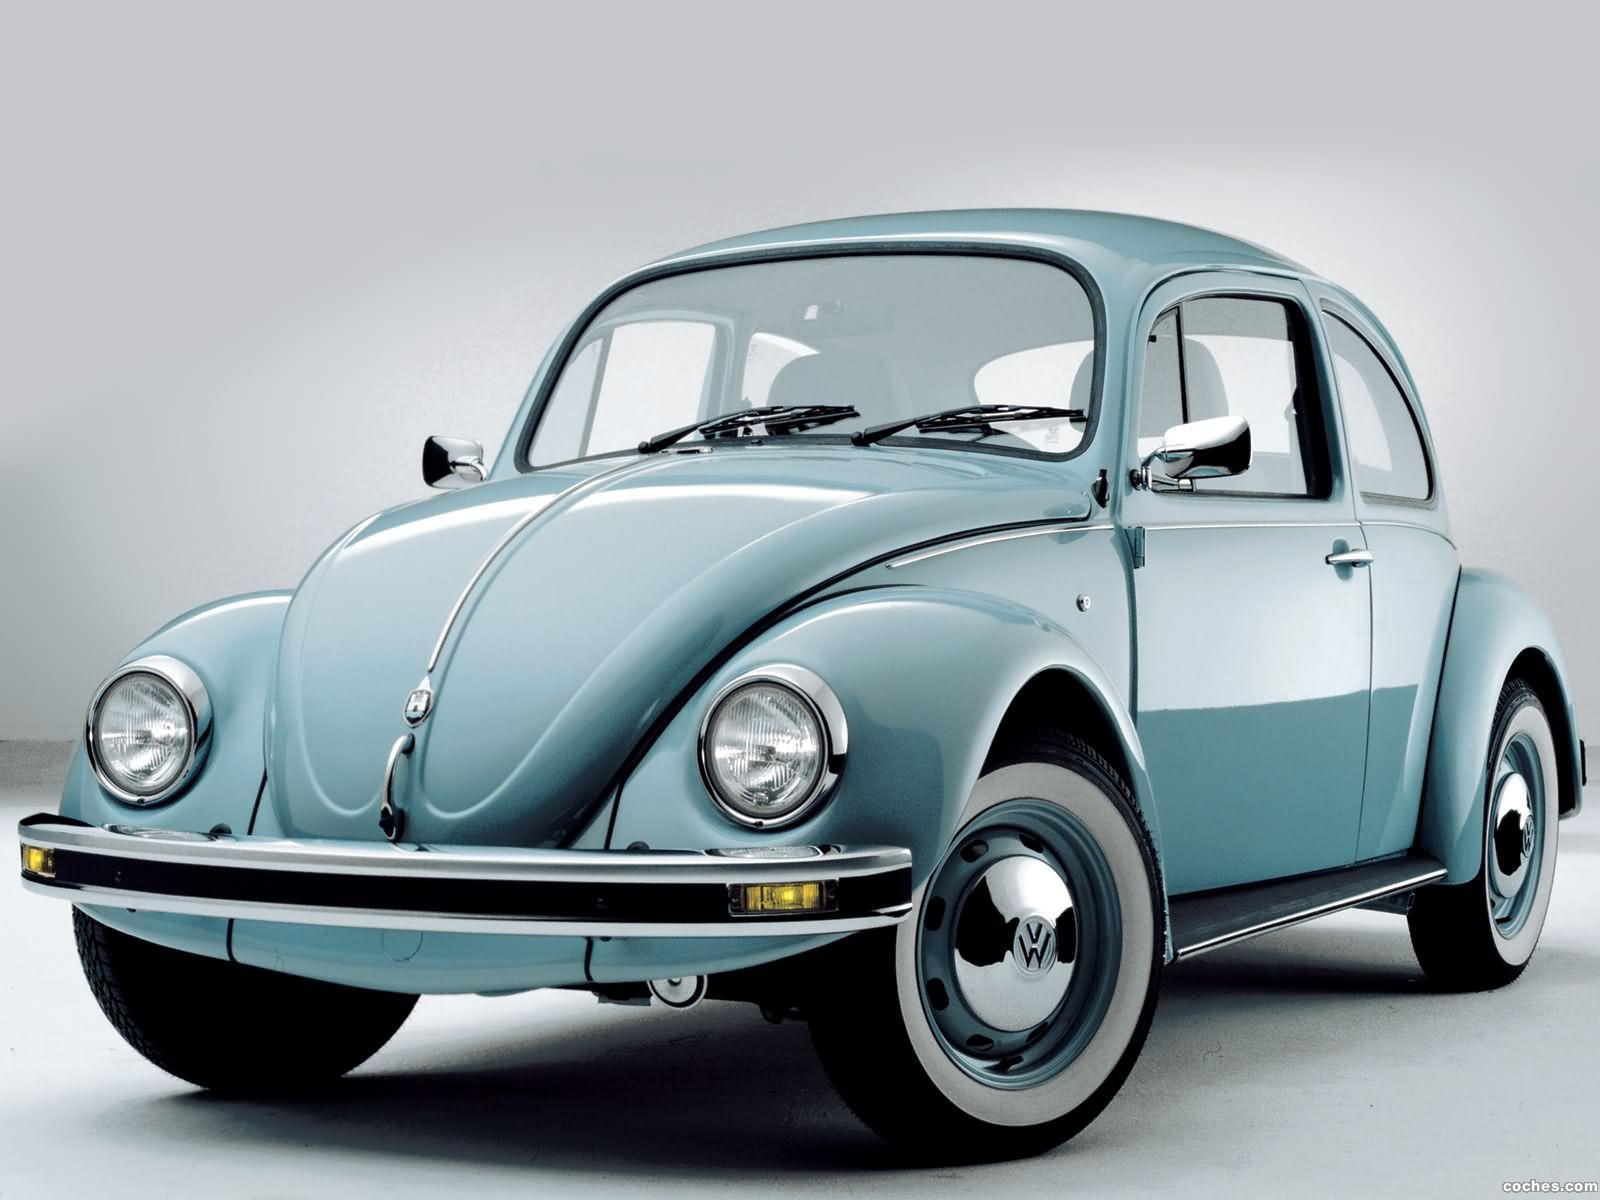 Foto 0 de Volkswagen Beetle Ultima Edition Type1 2003